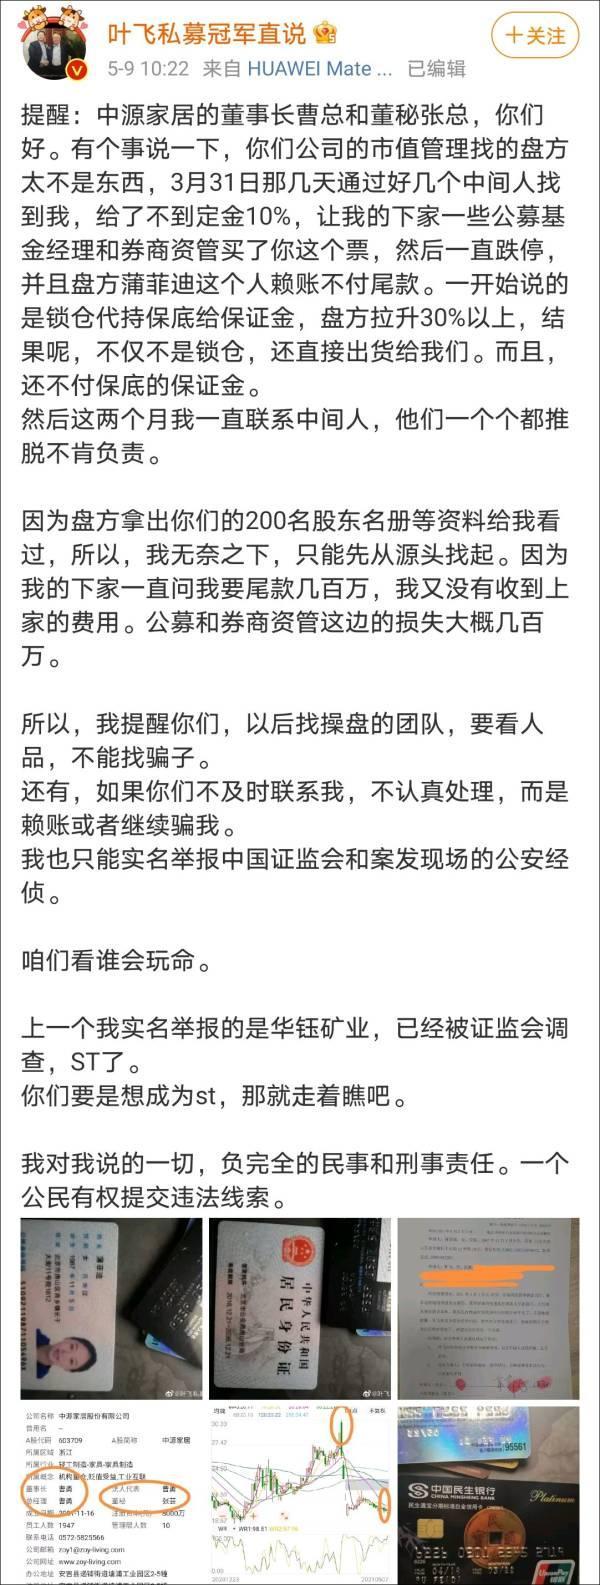 律师:叶飞爆料并不完全等同于自首,若参与其中将承担法律责任 全球新闻风头榜 第2张